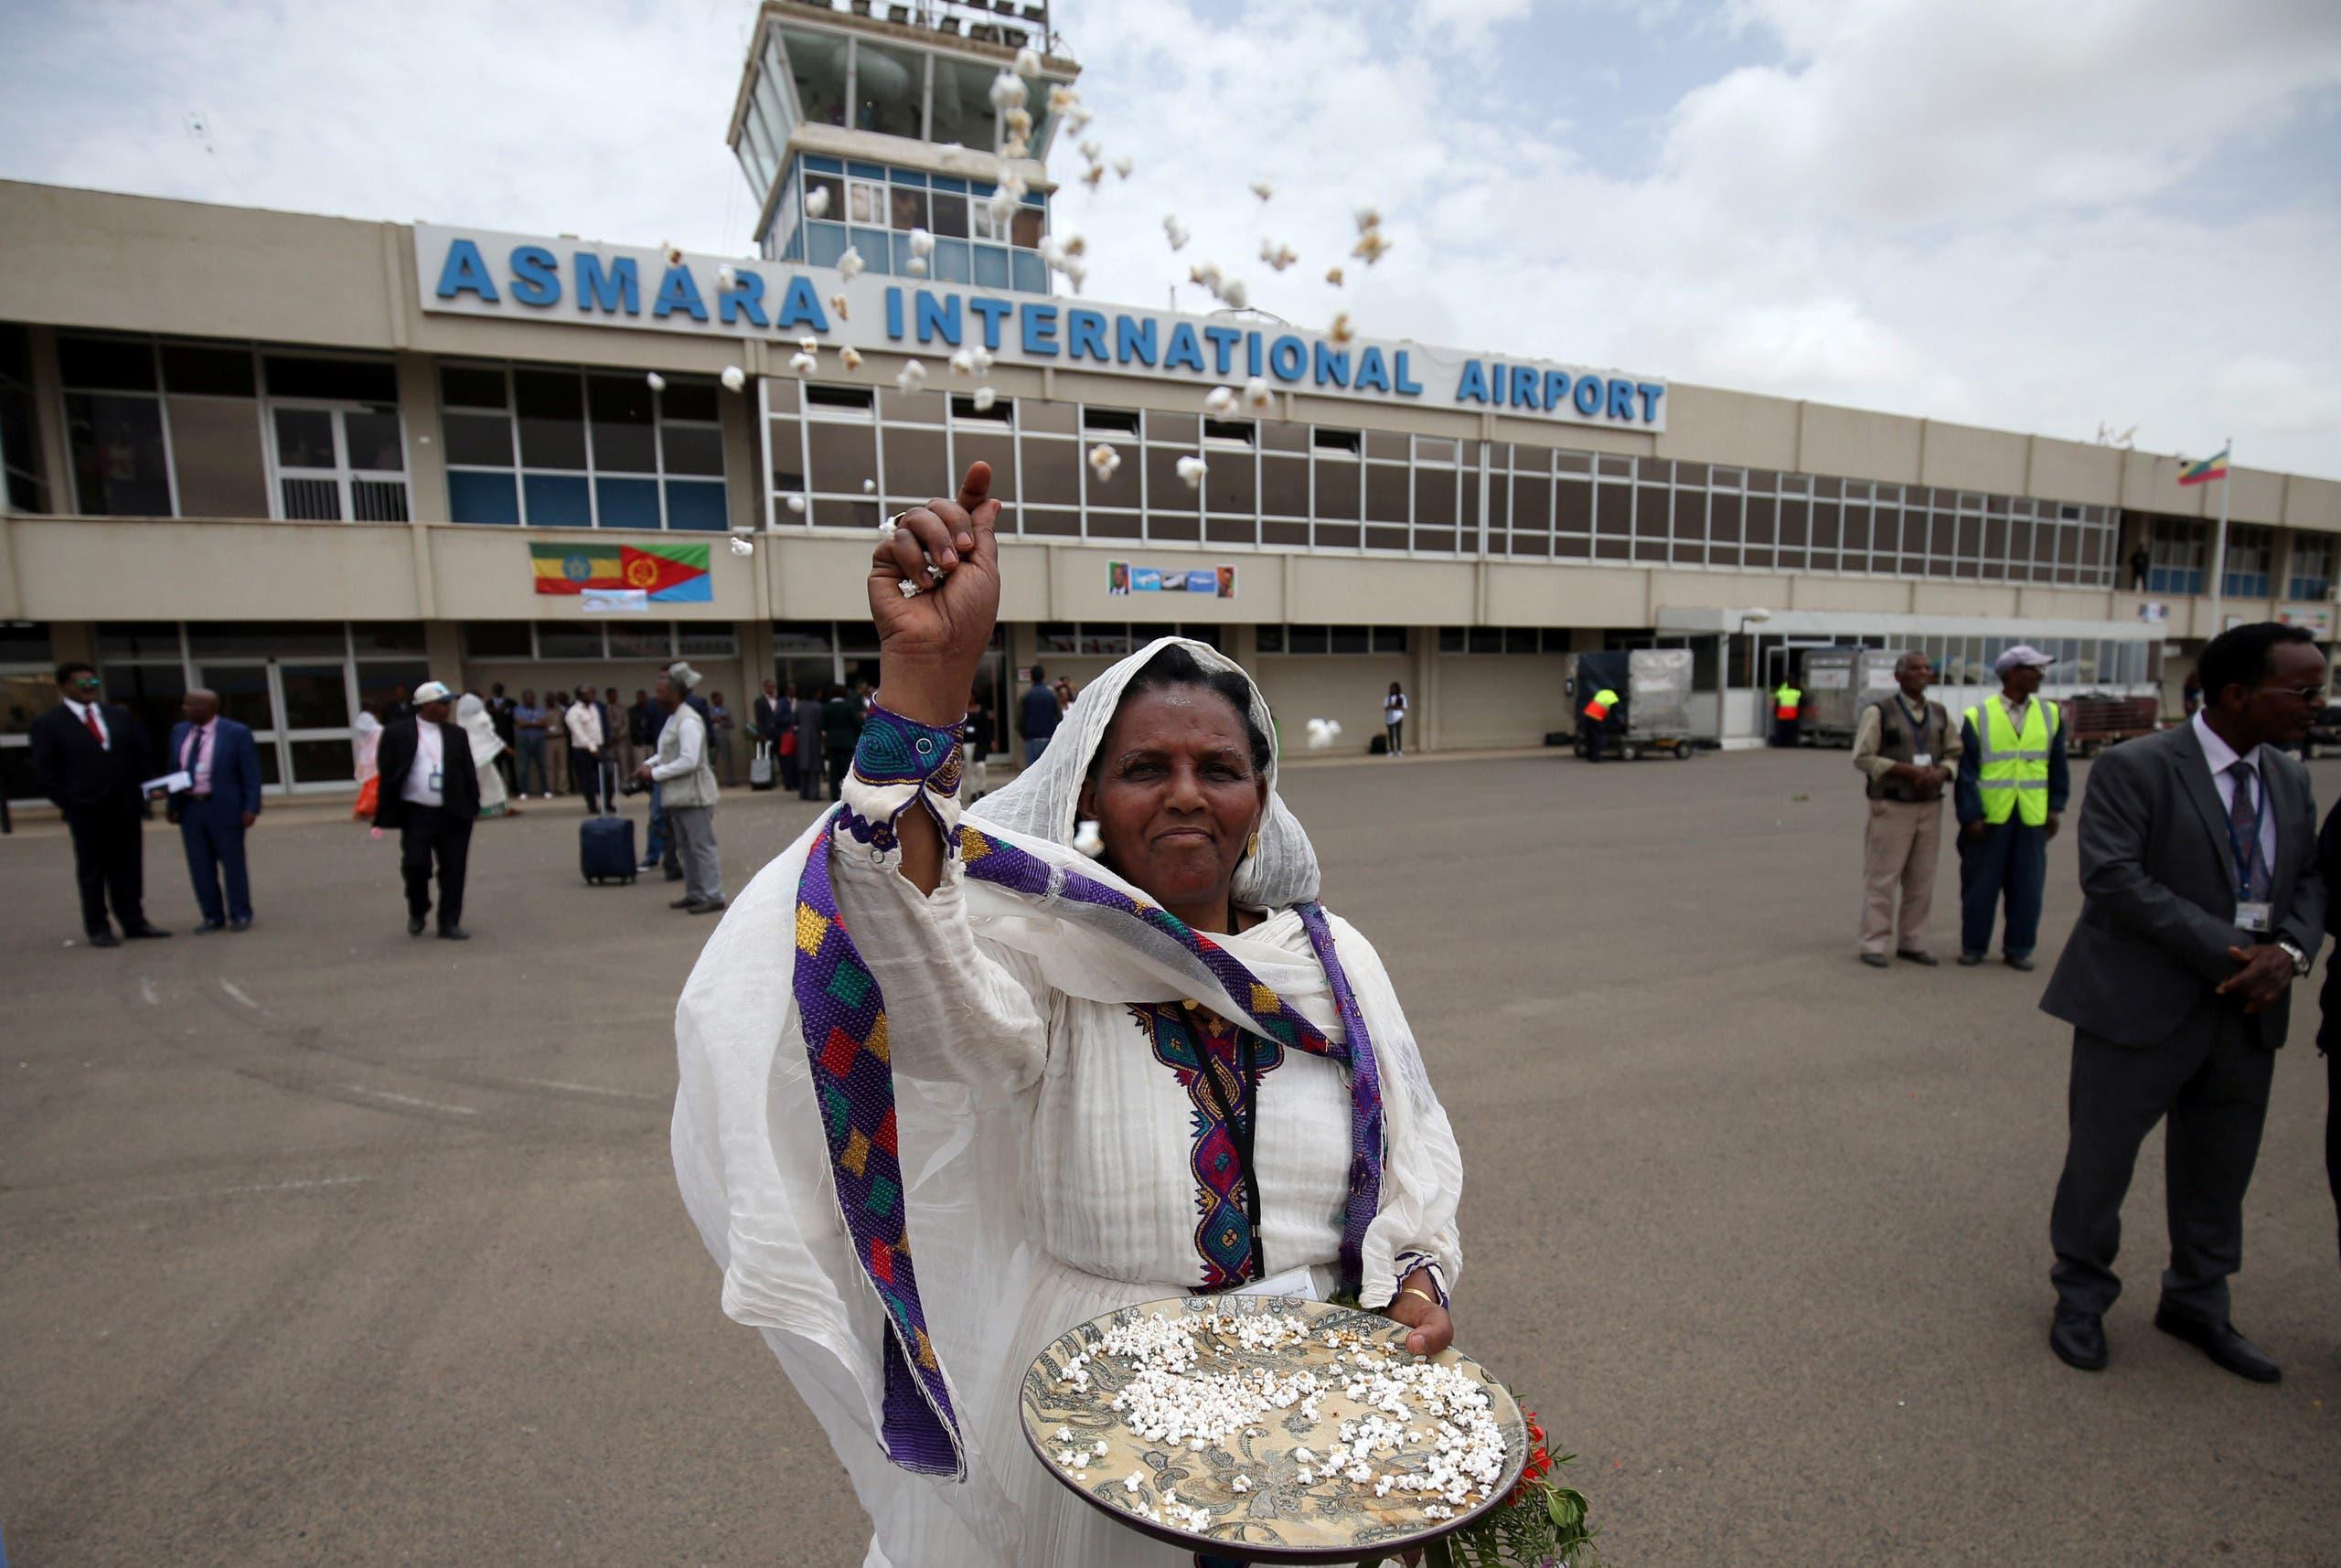 امرأة تحتفل في 2018 أمام مطار أسمرة بوصول أول رحلة قادمة من اثيوبيا